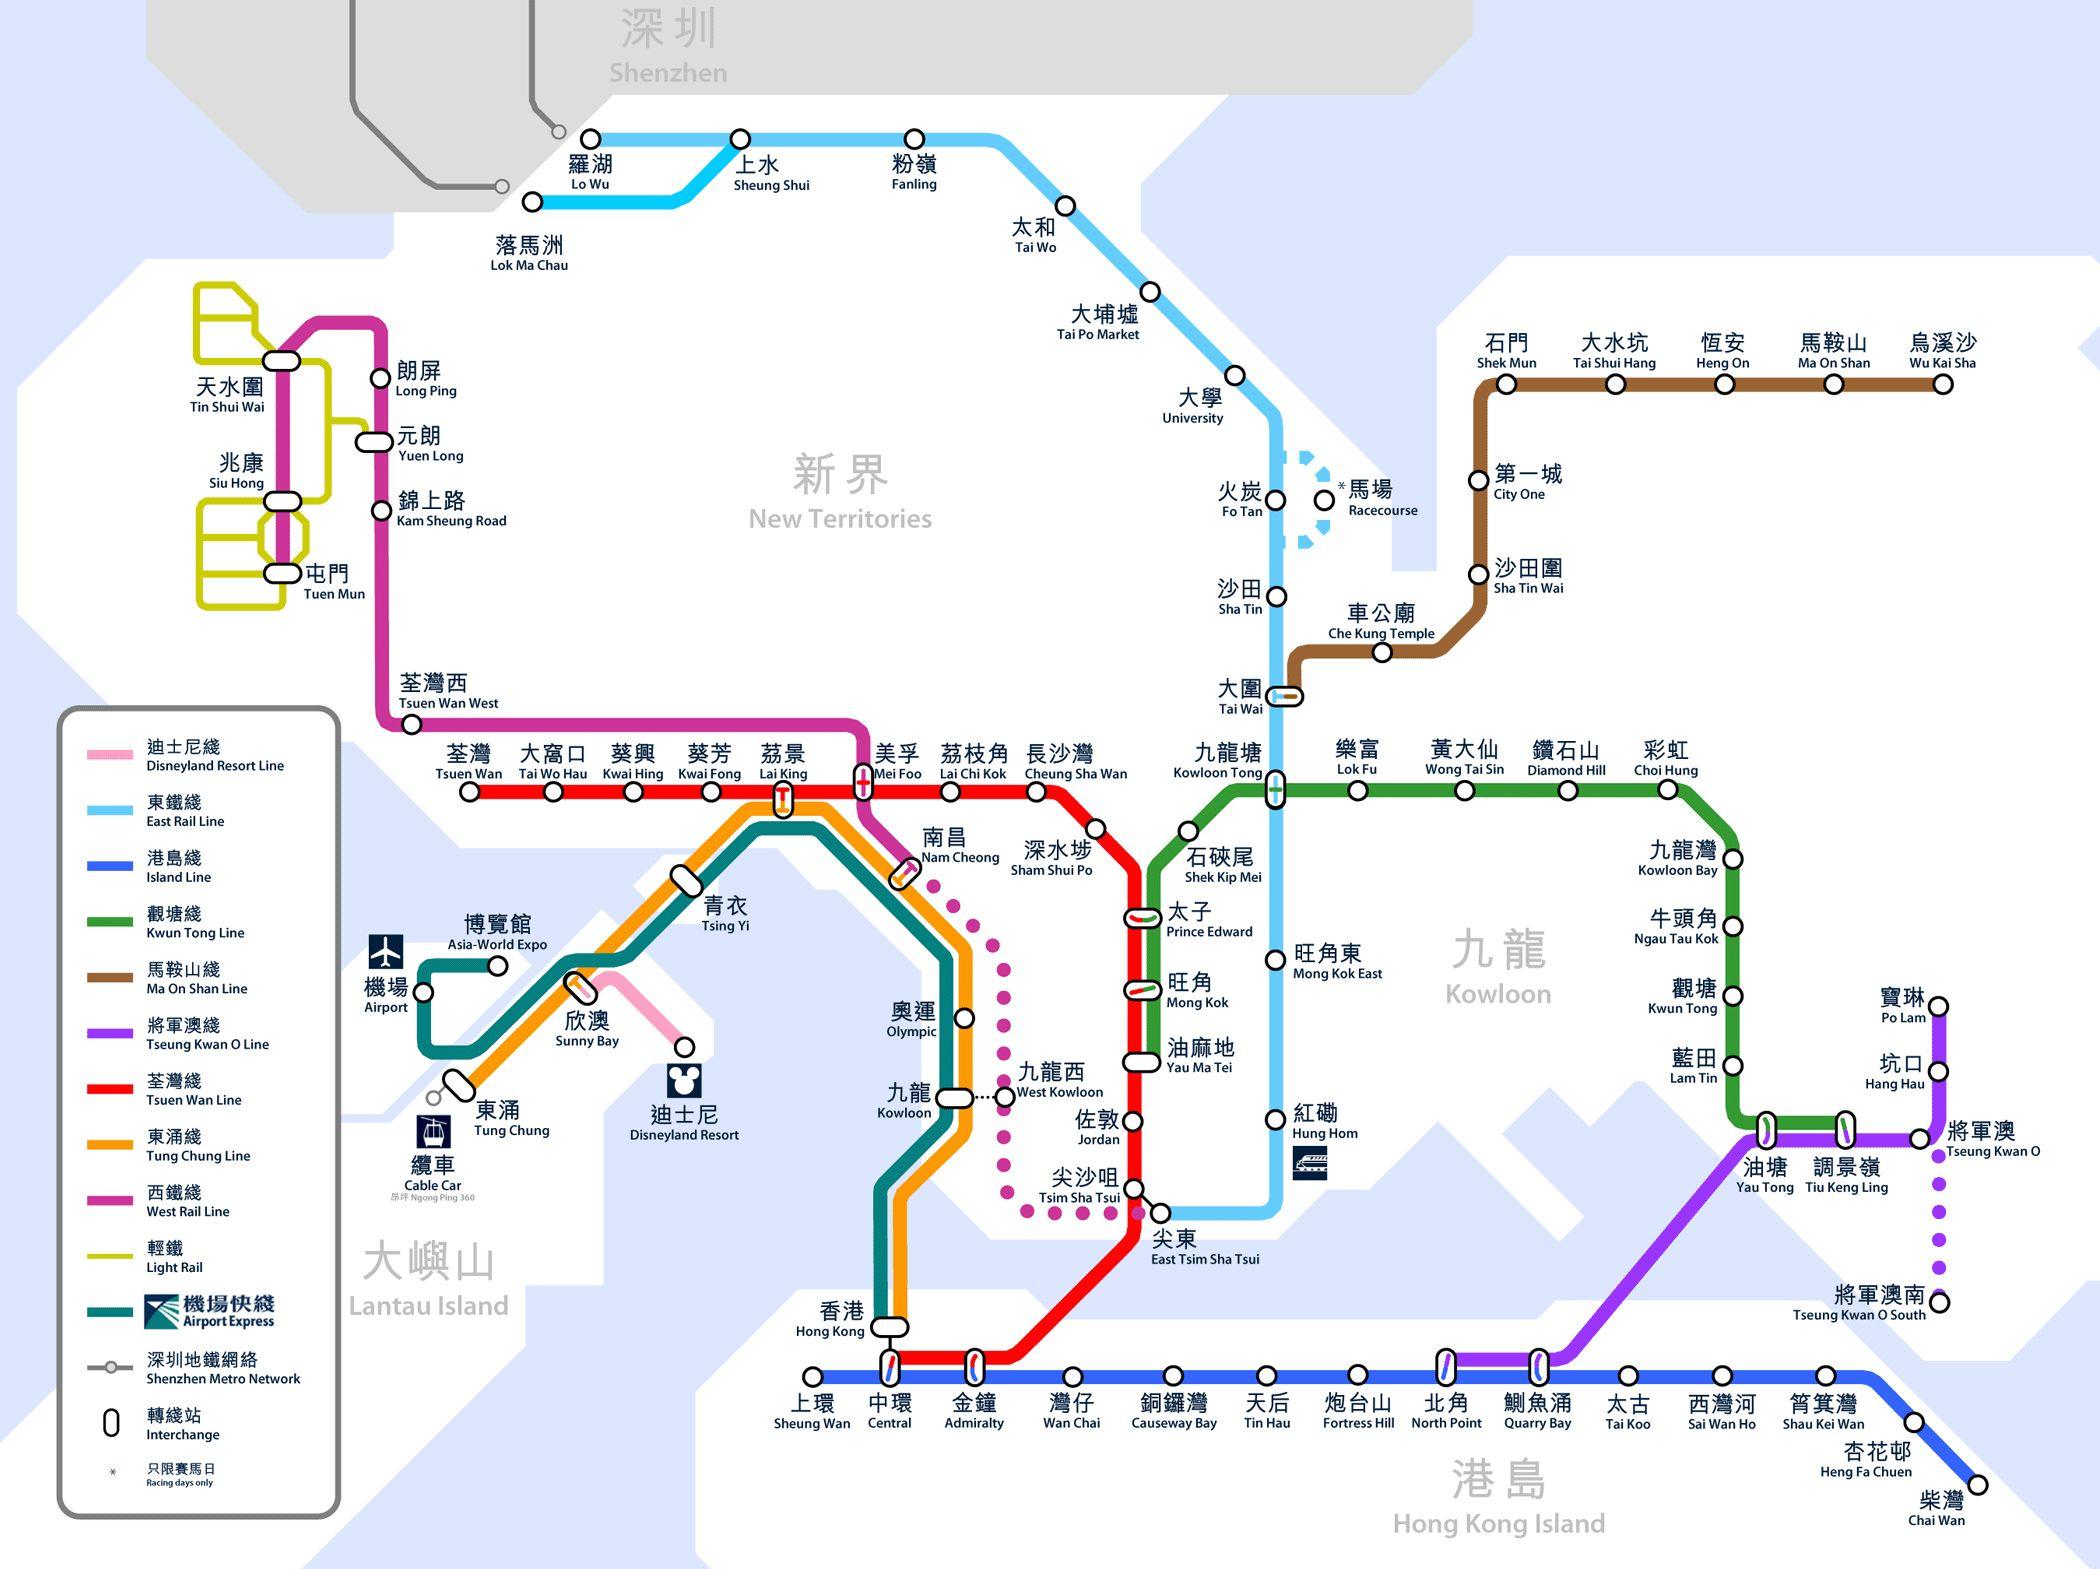 MTR to Hong Kong Kowloon Lantau Island and New Territories MTR